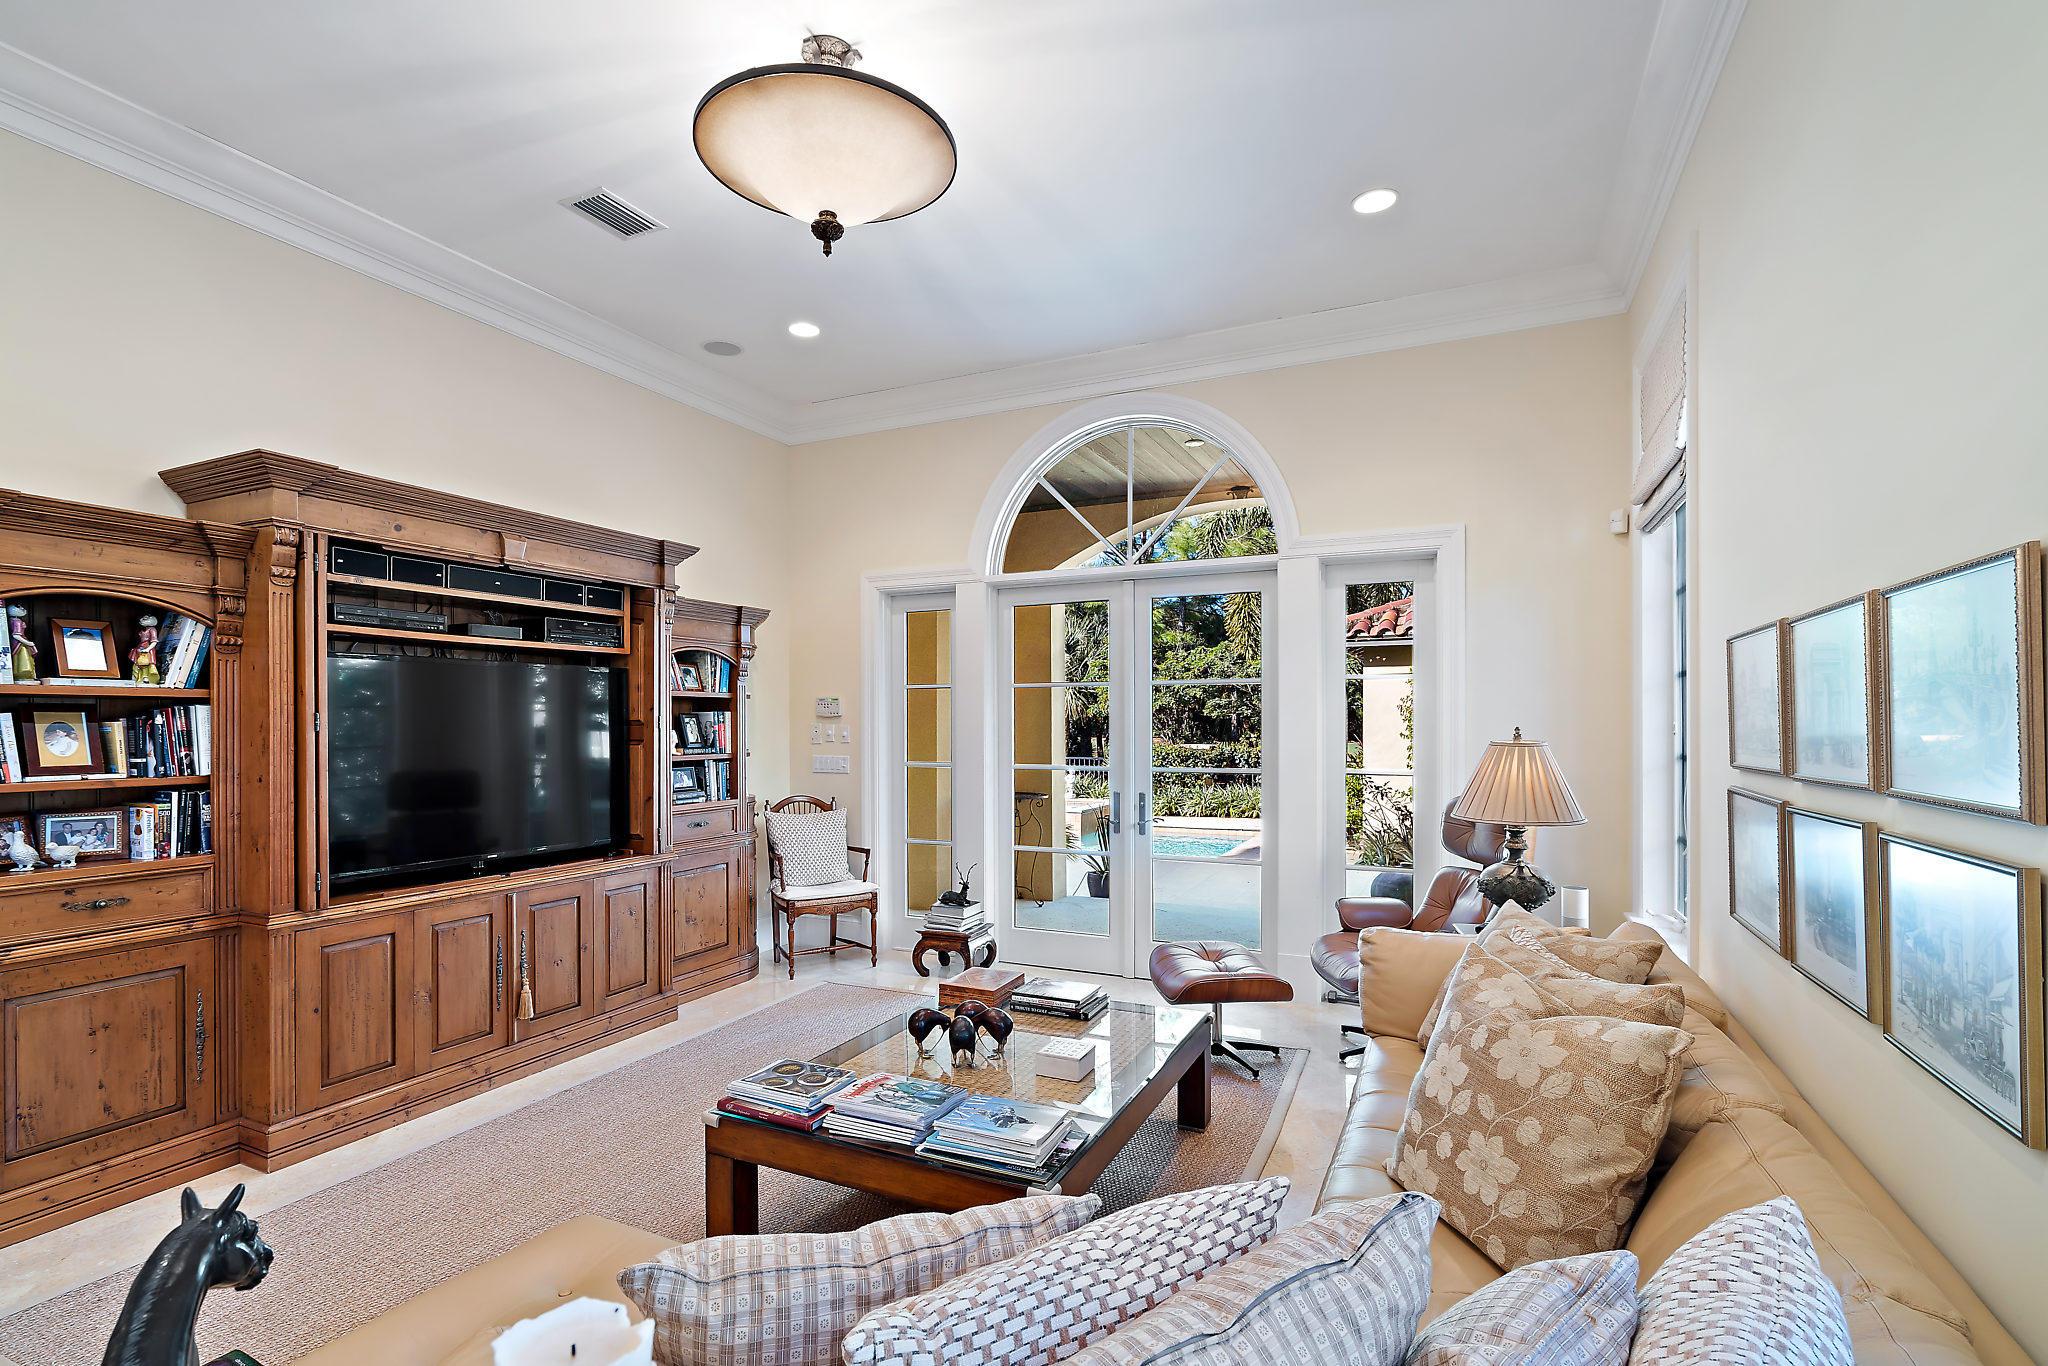 504 Bald Eagle Drive, Jupiter, Florida 33477, 5 Bedrooms Bedrooms, ,6.1 BathroomsBathrooms,A,Single family,Bald Eagle,RX-10497247